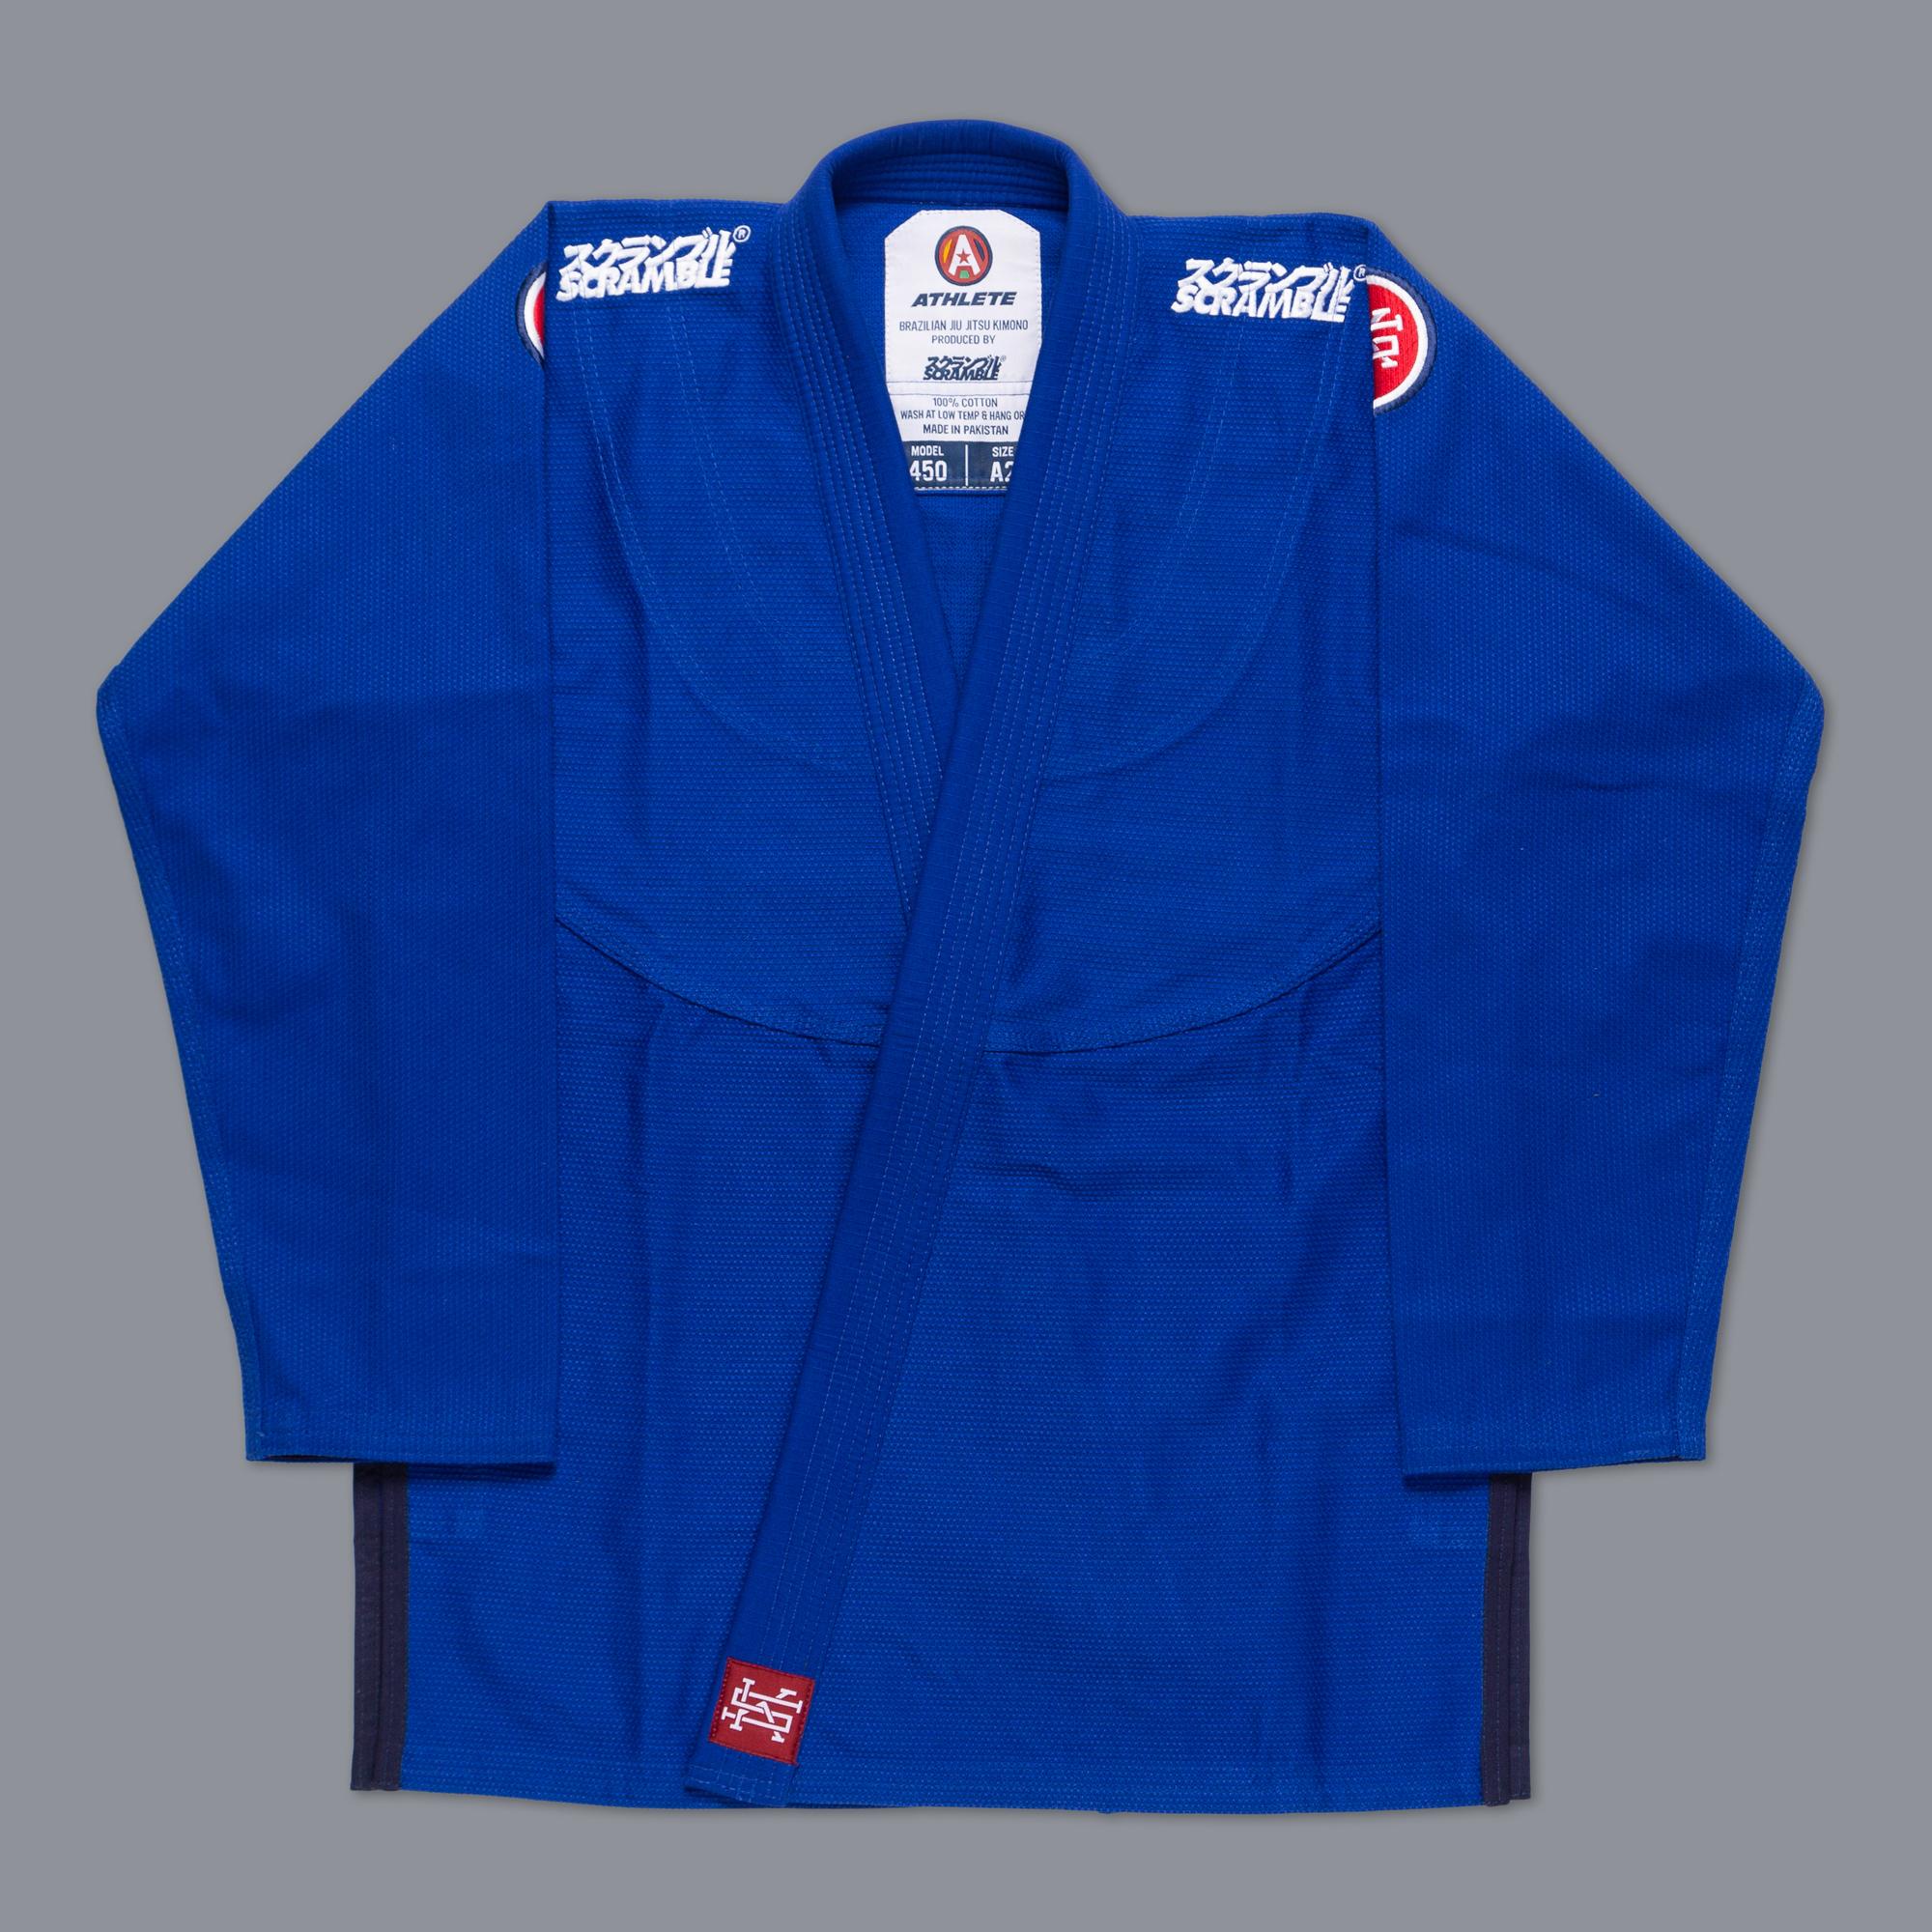 女性用 SCRAMBLE ATHLETE 4: 450(女性用カット / ブルー、青)|女性用ブラジリアン柔術衣